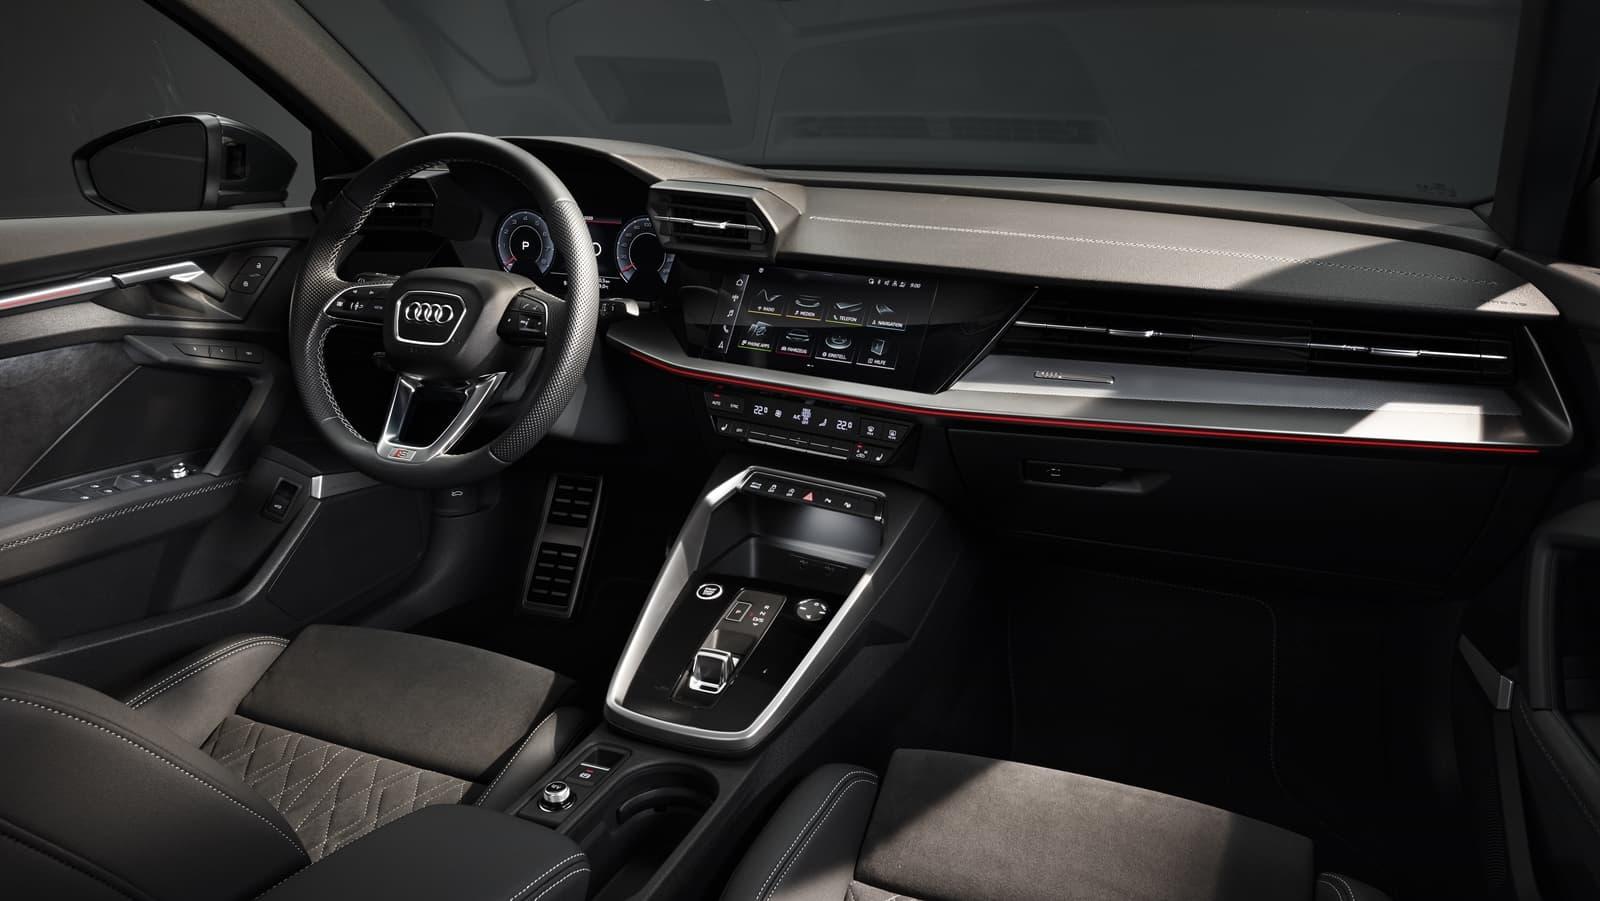 Audi A3 Sedan 2020 0420 005